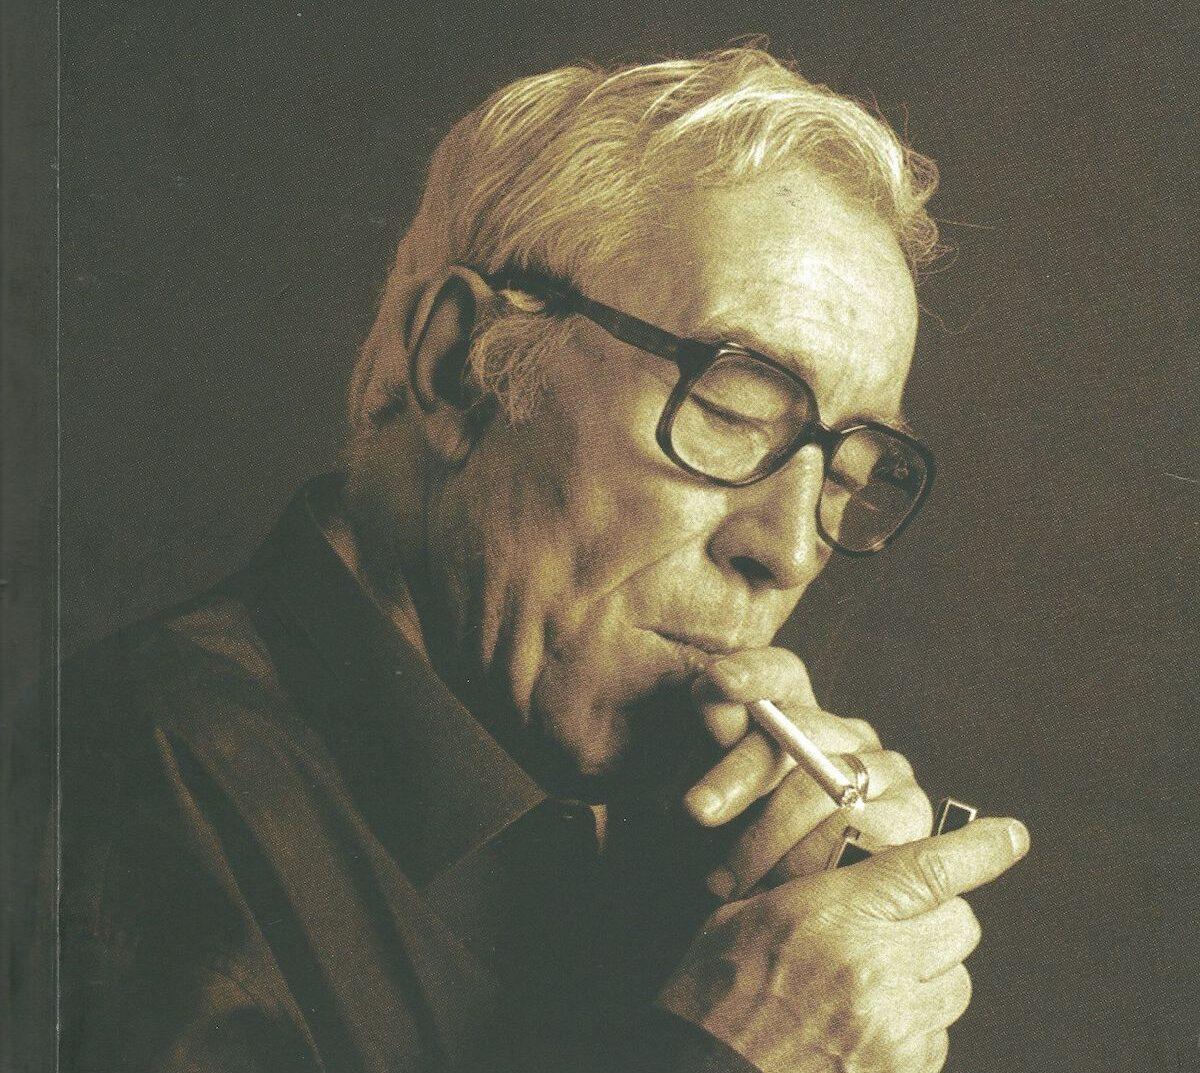 José Cardoso Pires, biografia, Bruno Vieira Amaral